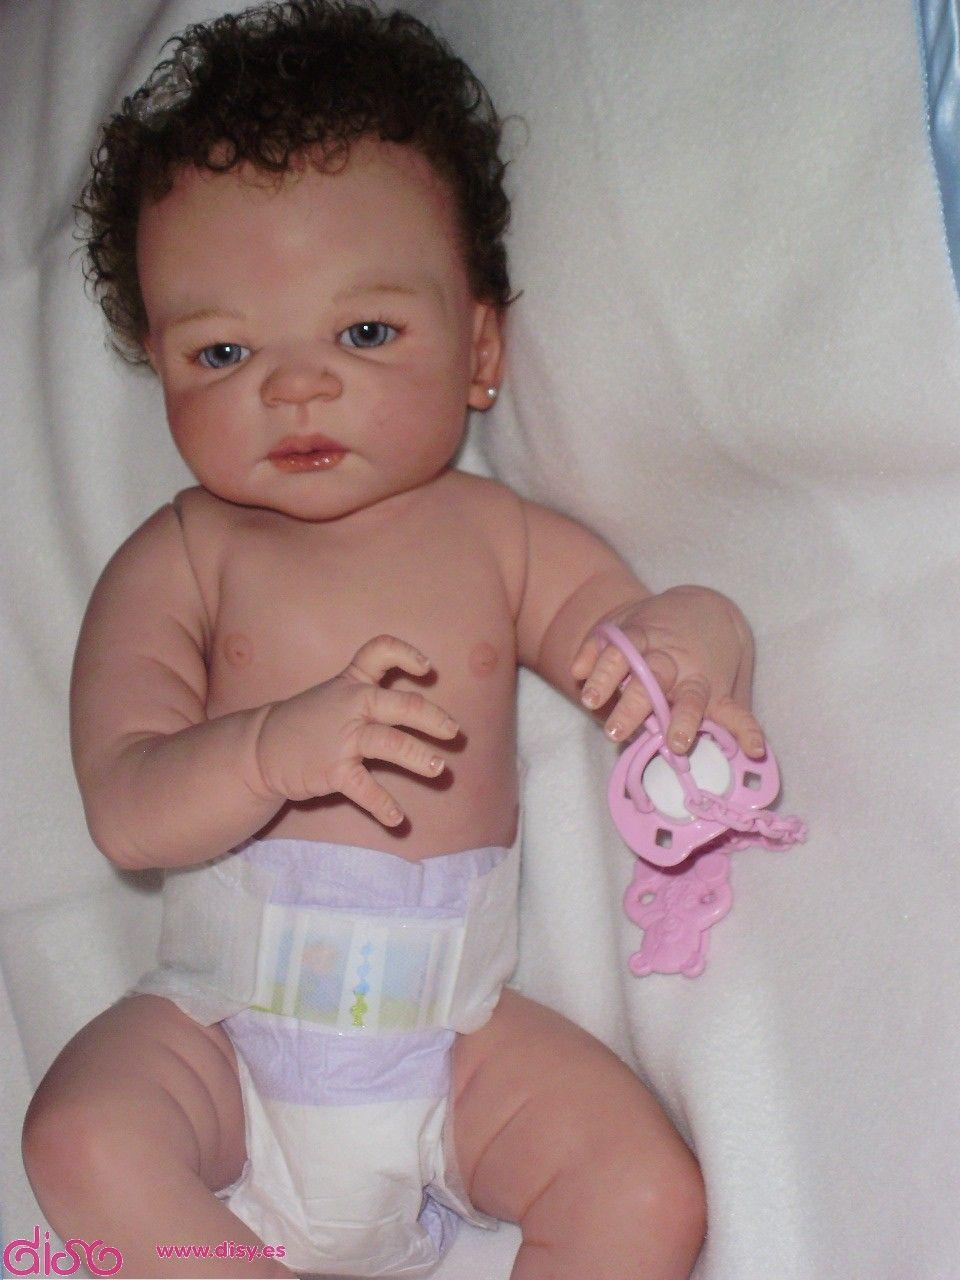 b69978a0c1 Muñecas bebé reales muñecos reborn - Victoria- 58 cm | muñecas doll ...